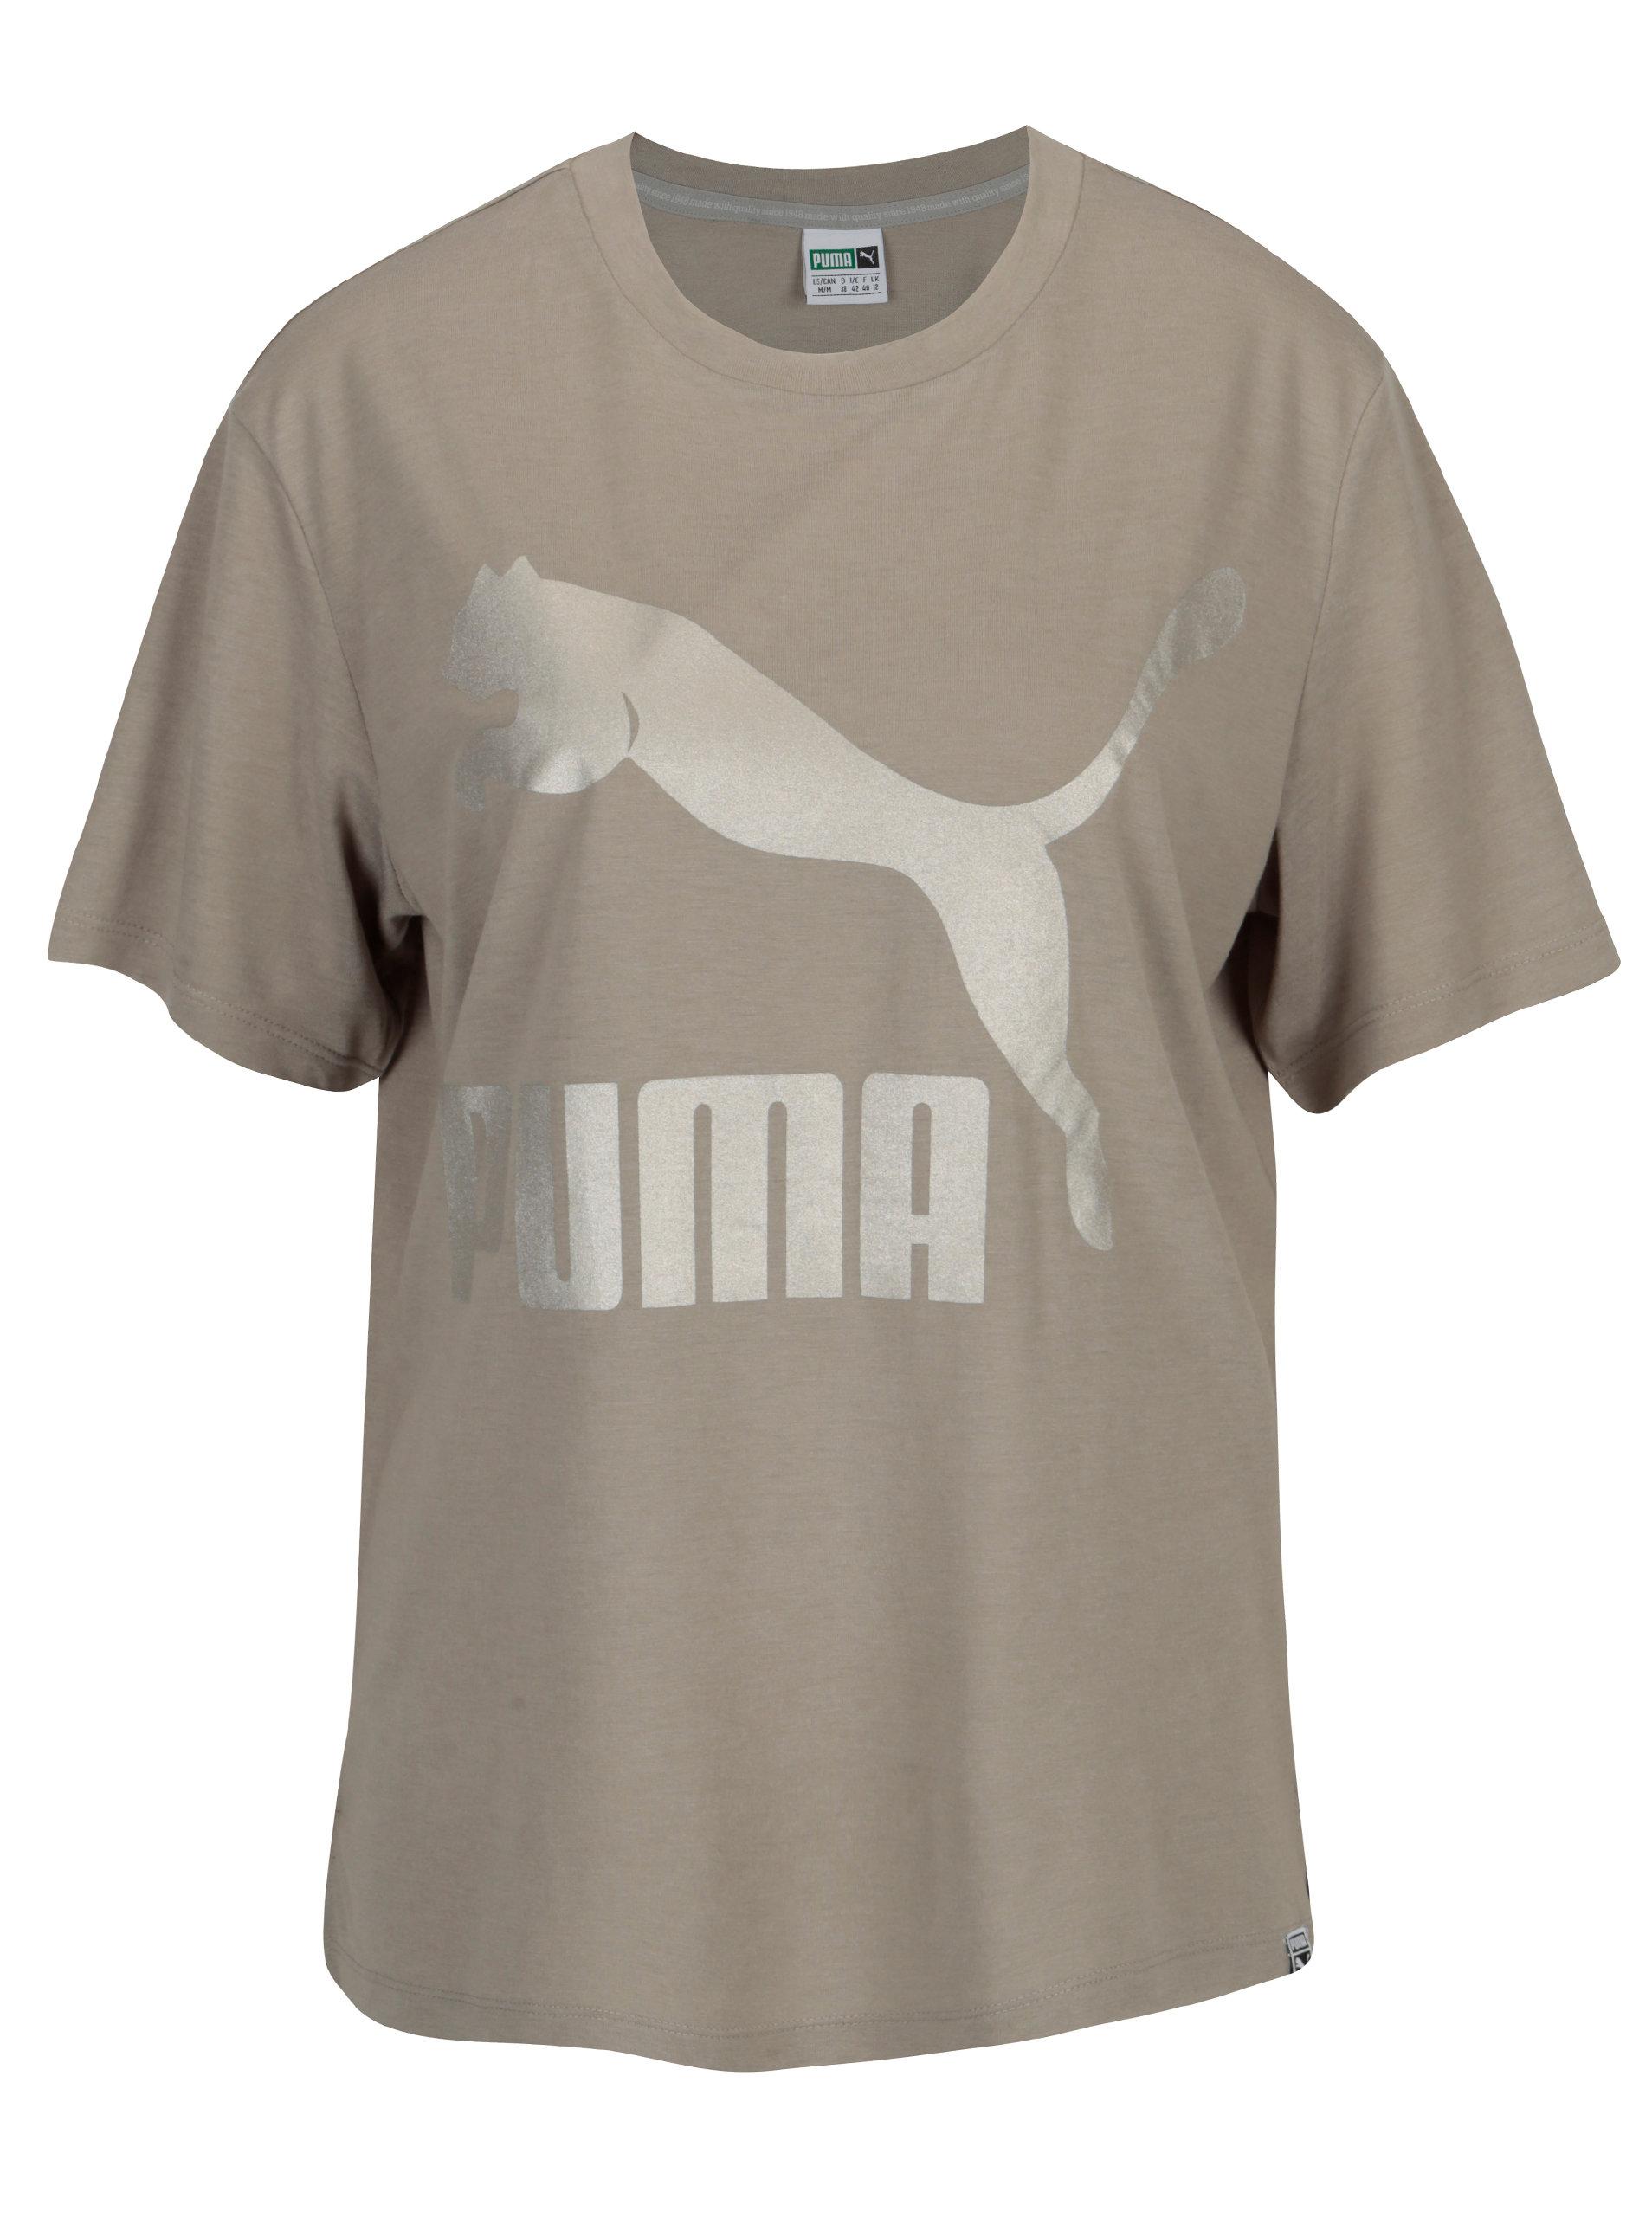 Šedé dámské tričko s potiskem Puma ... 7ab51422f0